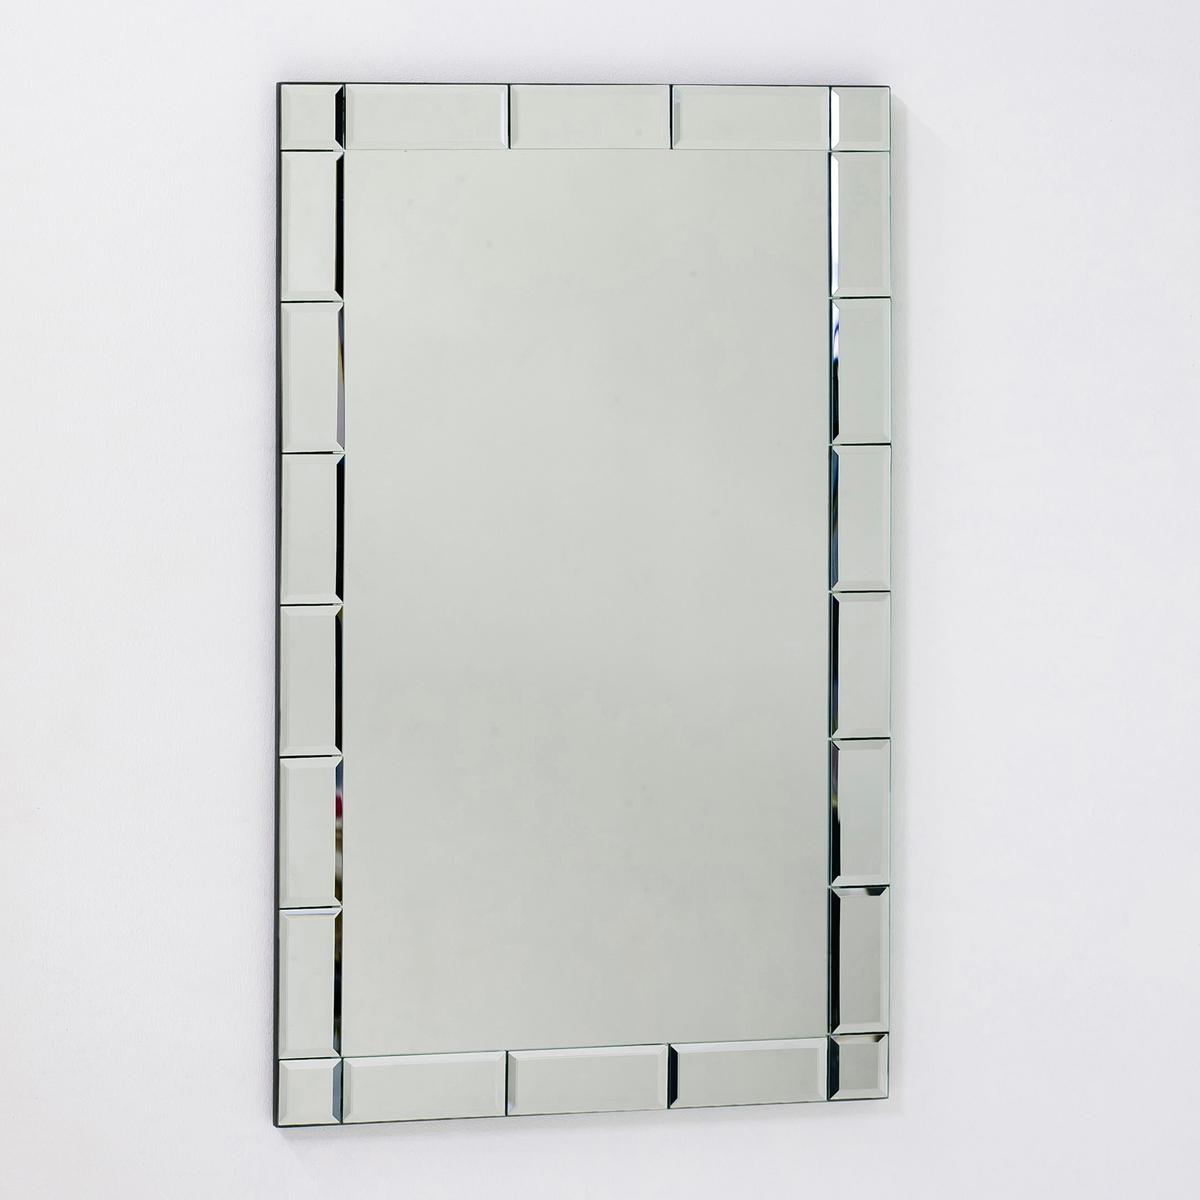 Зеркало настенное AstierЭто зеркало представлено в  2 размерах, оно придаст шика и изысканности вашей комнате . Рамка со скошенными краями придает больше глубины .<br><br>Цвет: безцветный